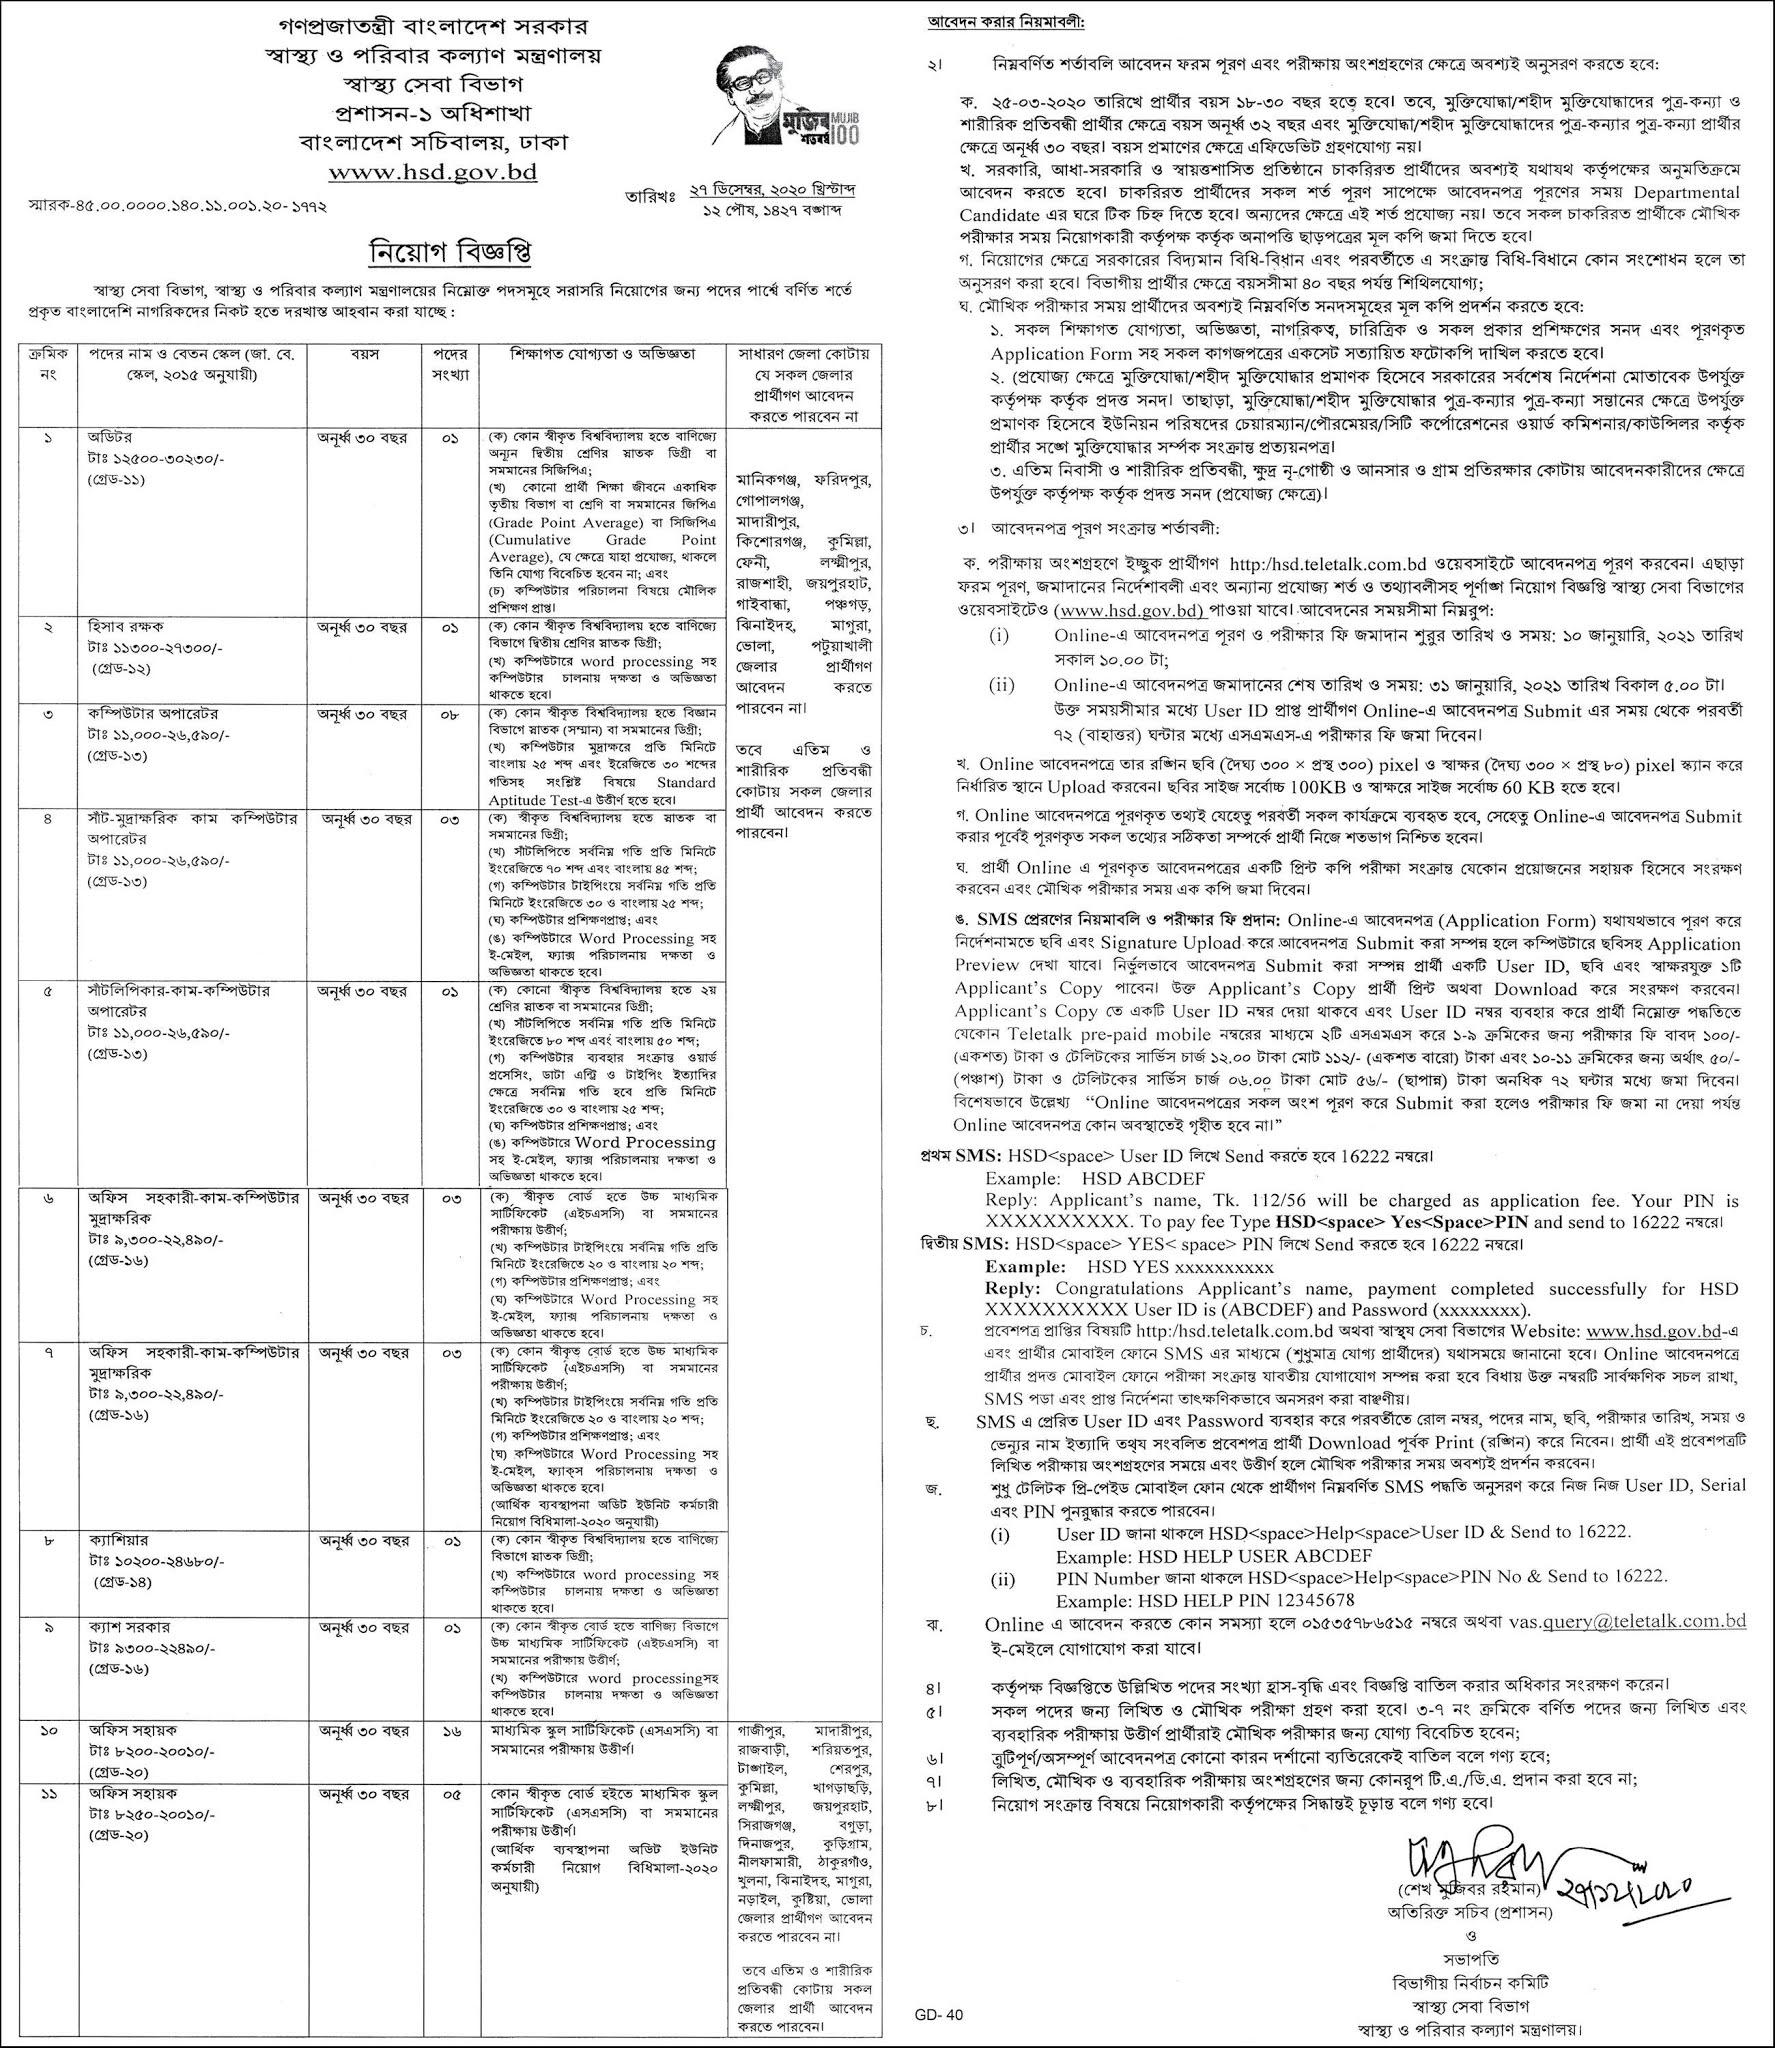 স্বাস্থ্য ও পরিবার কল্যাণ মন্ত্রণালয়ে নিয়োগ বিজ্ঞপ্তি ২০২১ - Ministry of Health and Family Welfare Job Circular 2021